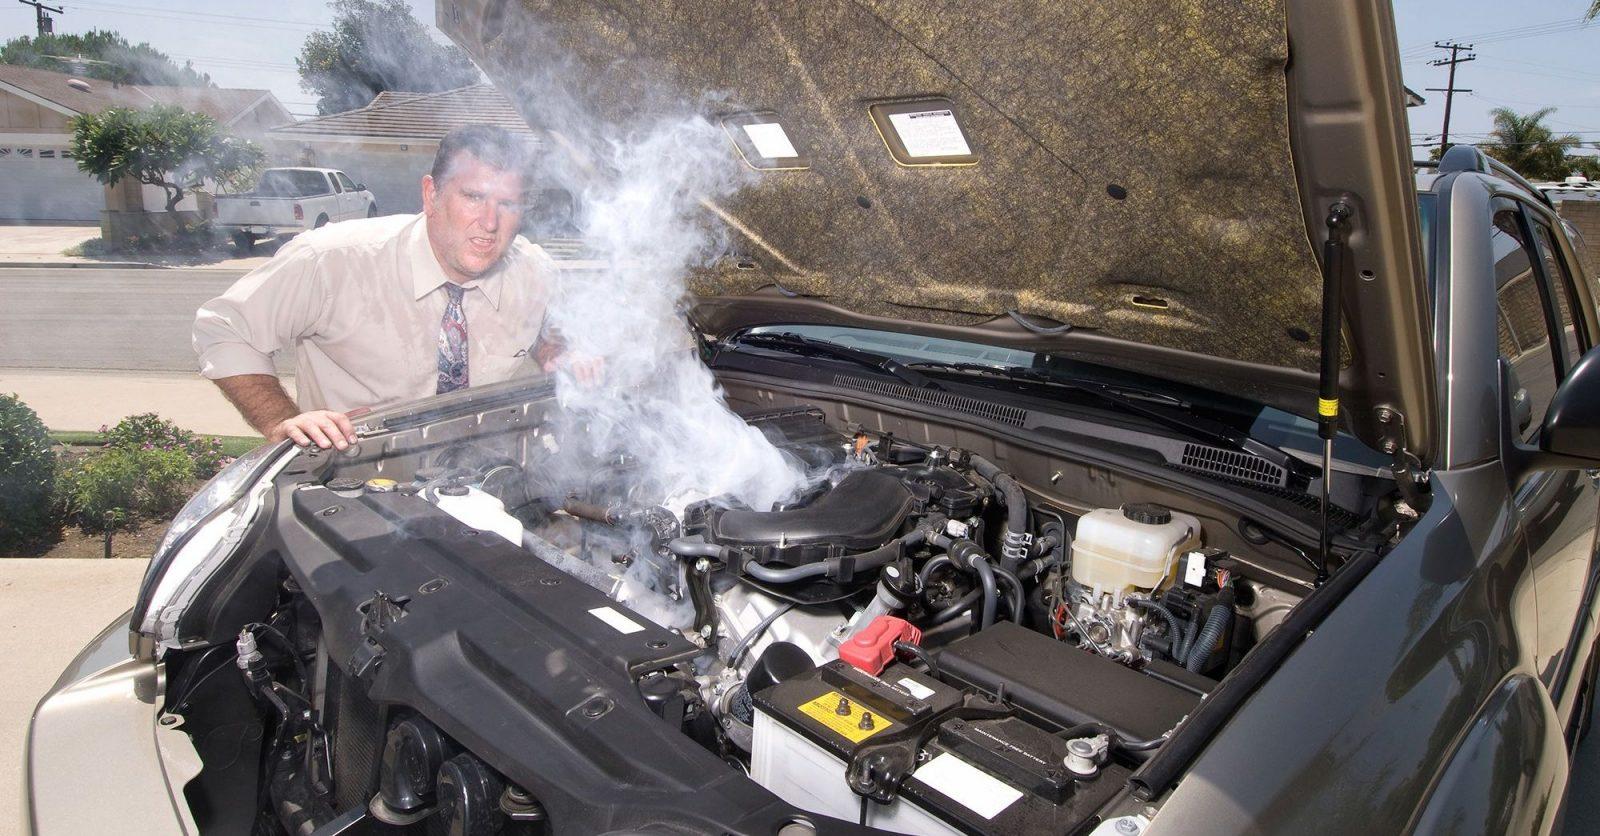 أشياء يجب على كل سائق معرفتها.. كيفية الوقاية من حرائق السيارات أثناء القيادة